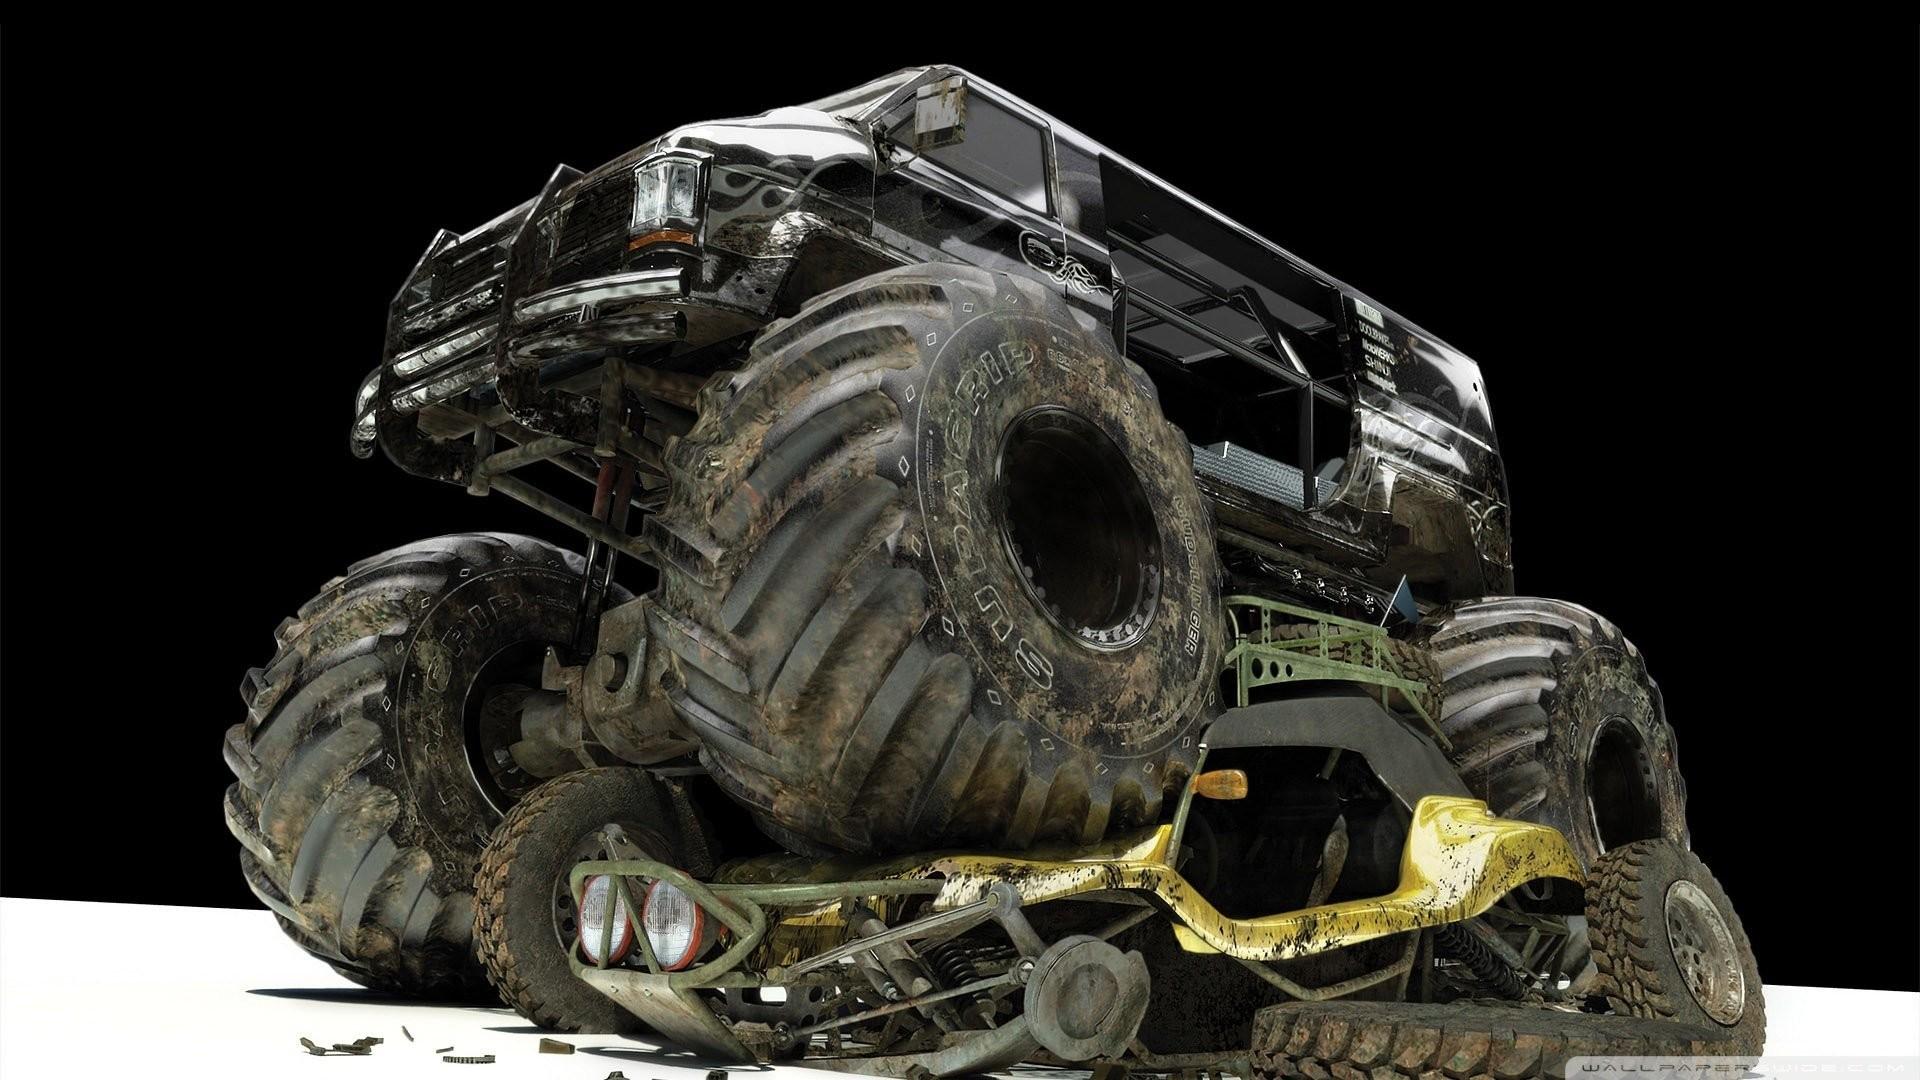 Camaro Monster Truck >> Monster Trucks Wallpaper ·①